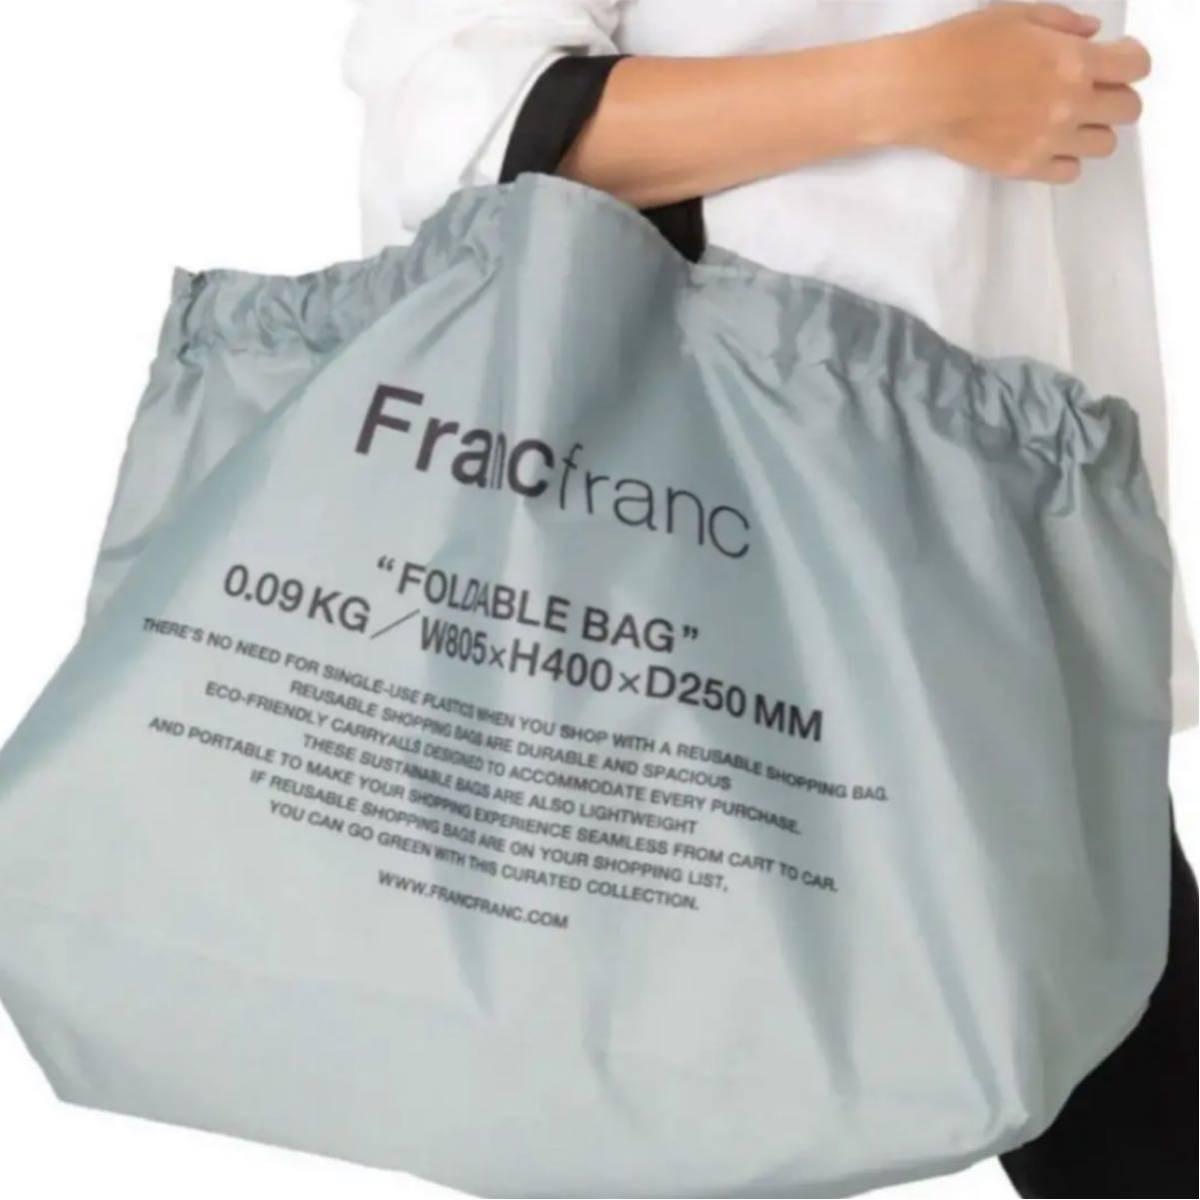 フランフラン エコバッグ エルン 大きいサイズ カーキ